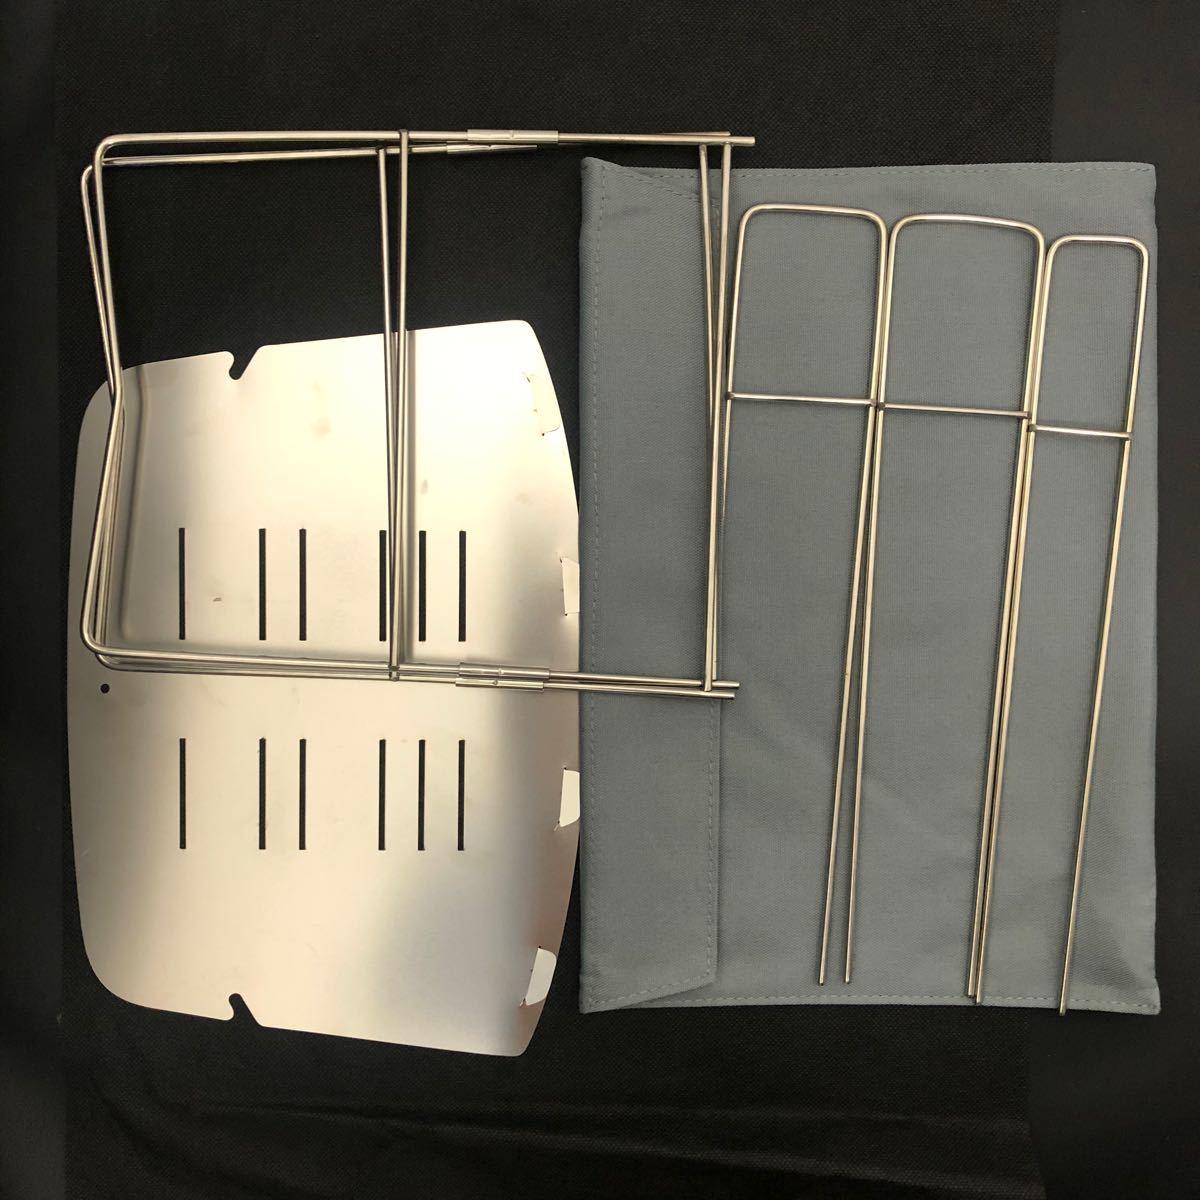 焚き火台 超人気 折り畳み式 頑丈で小型 バーベキューコンロ スピット3本付き ソロキャンプ 高品質